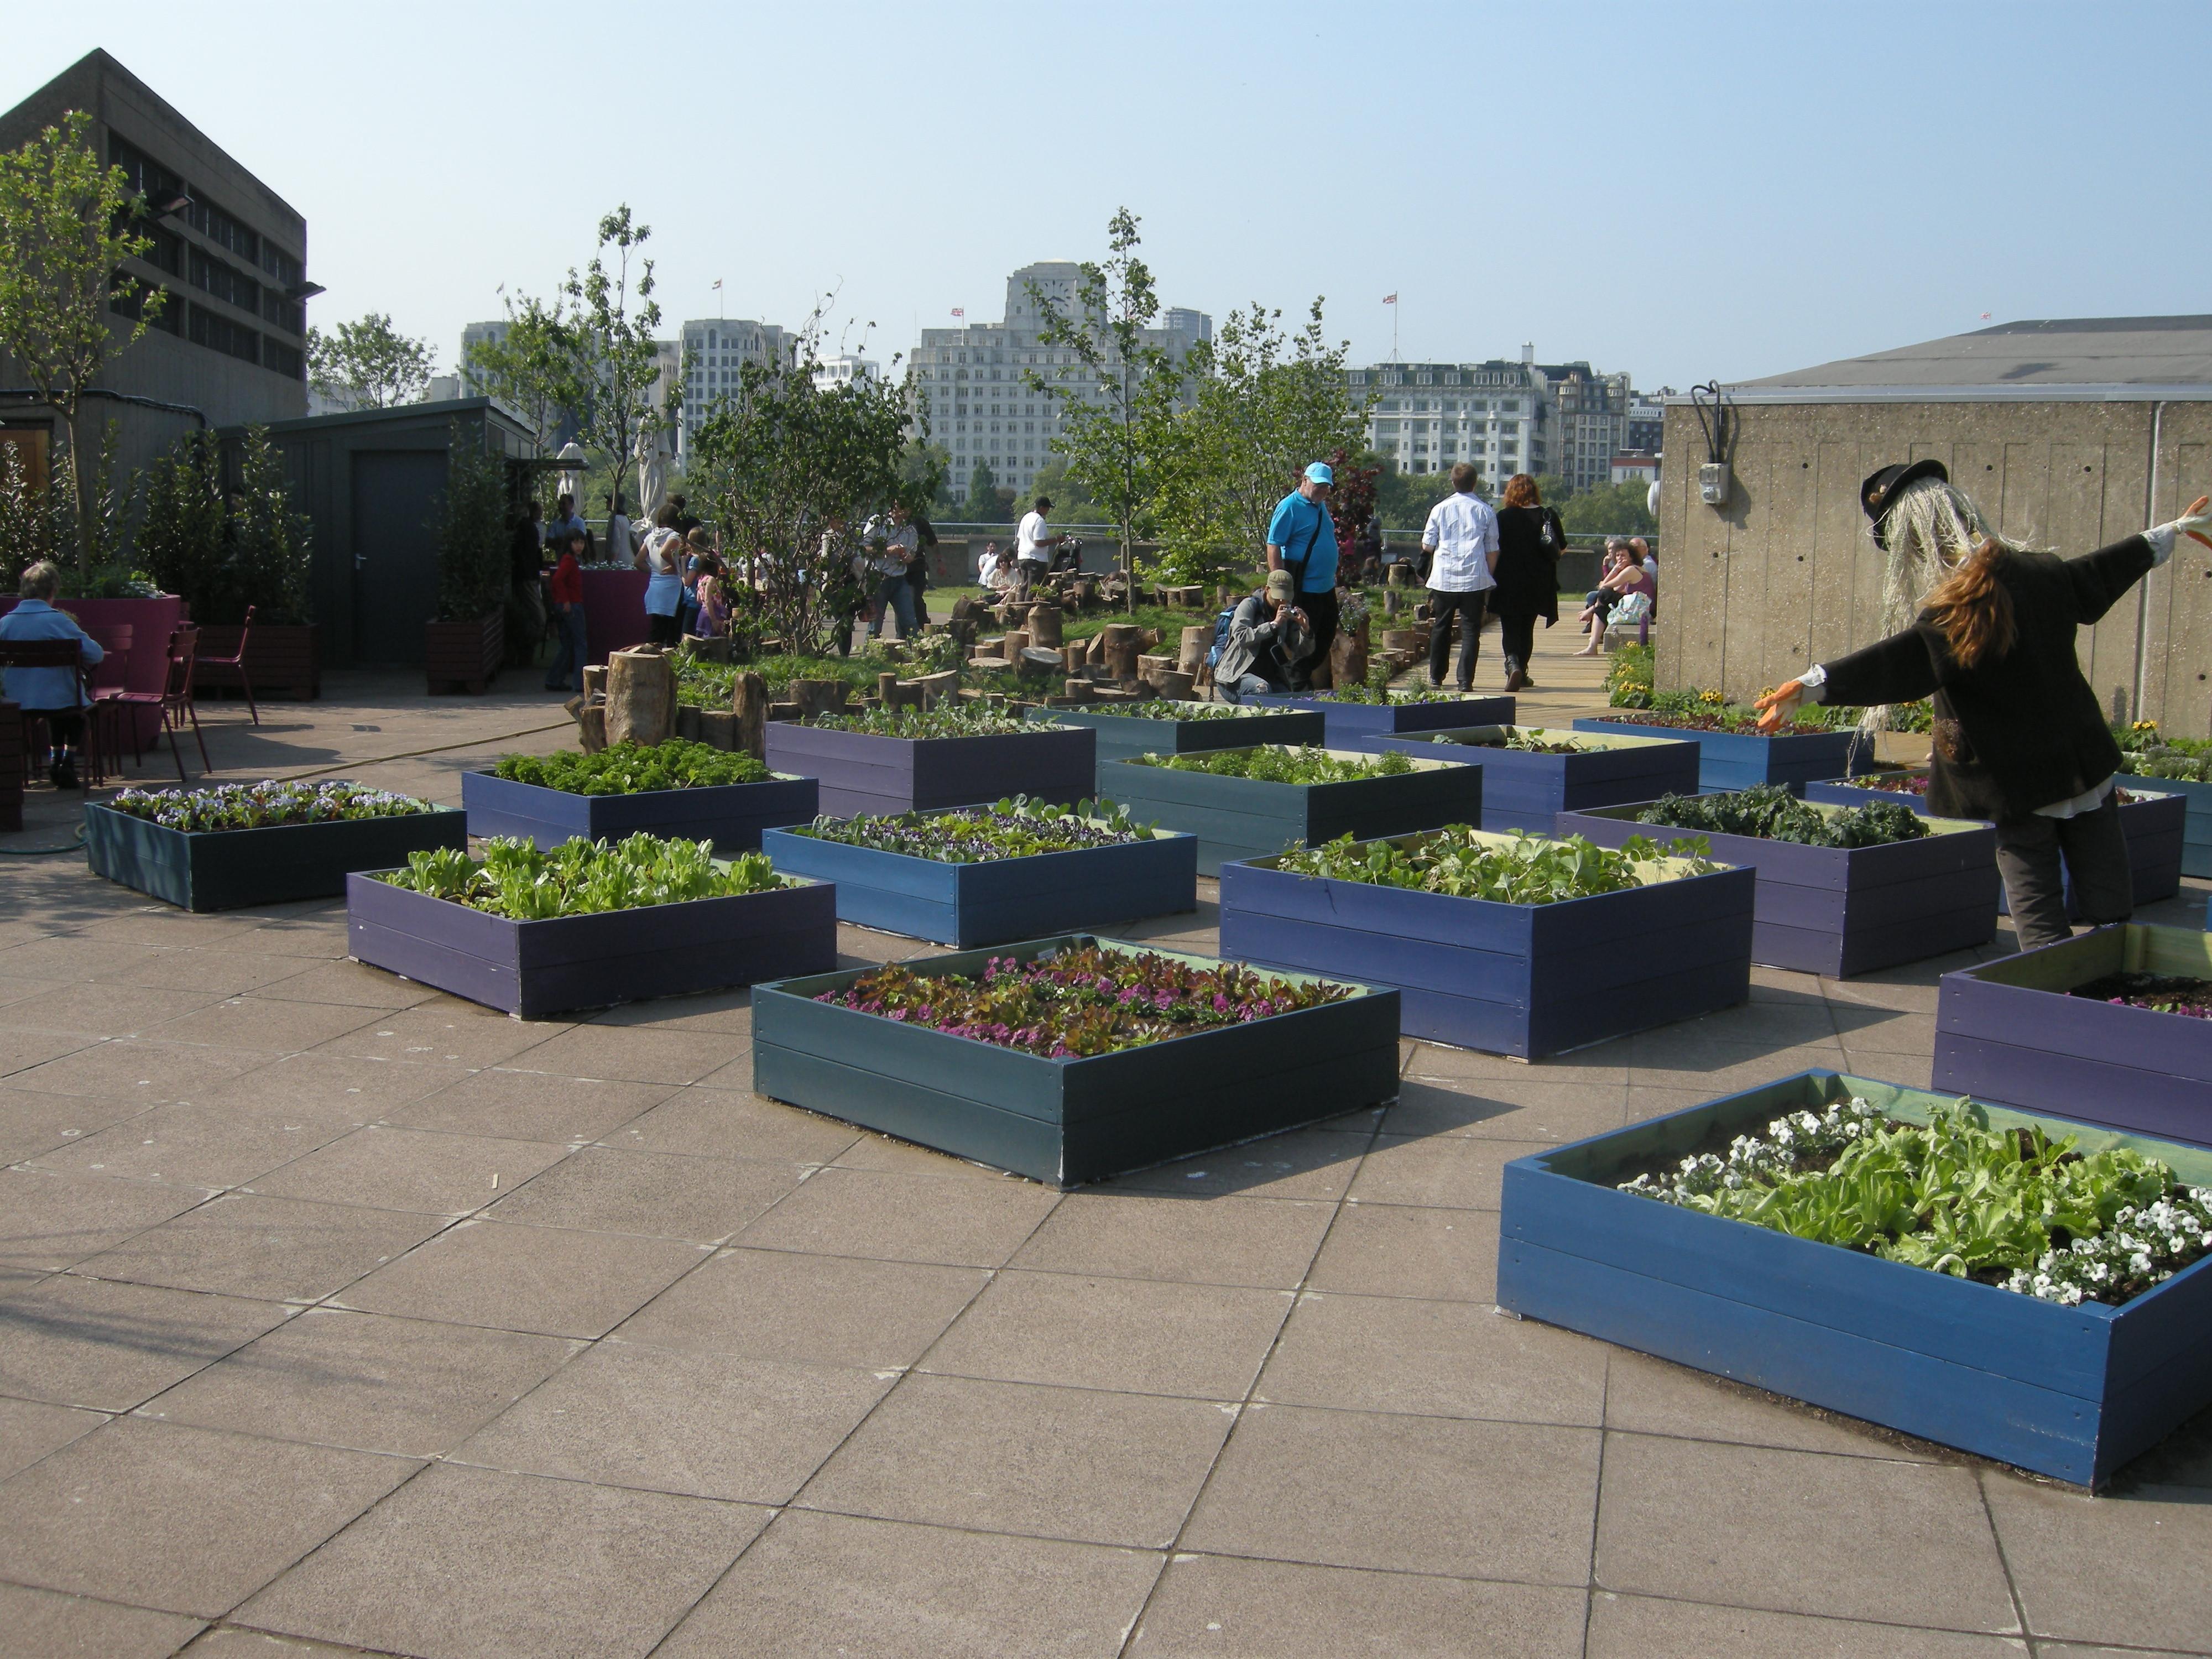 Rooftop Garden Queen Elizabeth Hall Roof Garden London – Created for